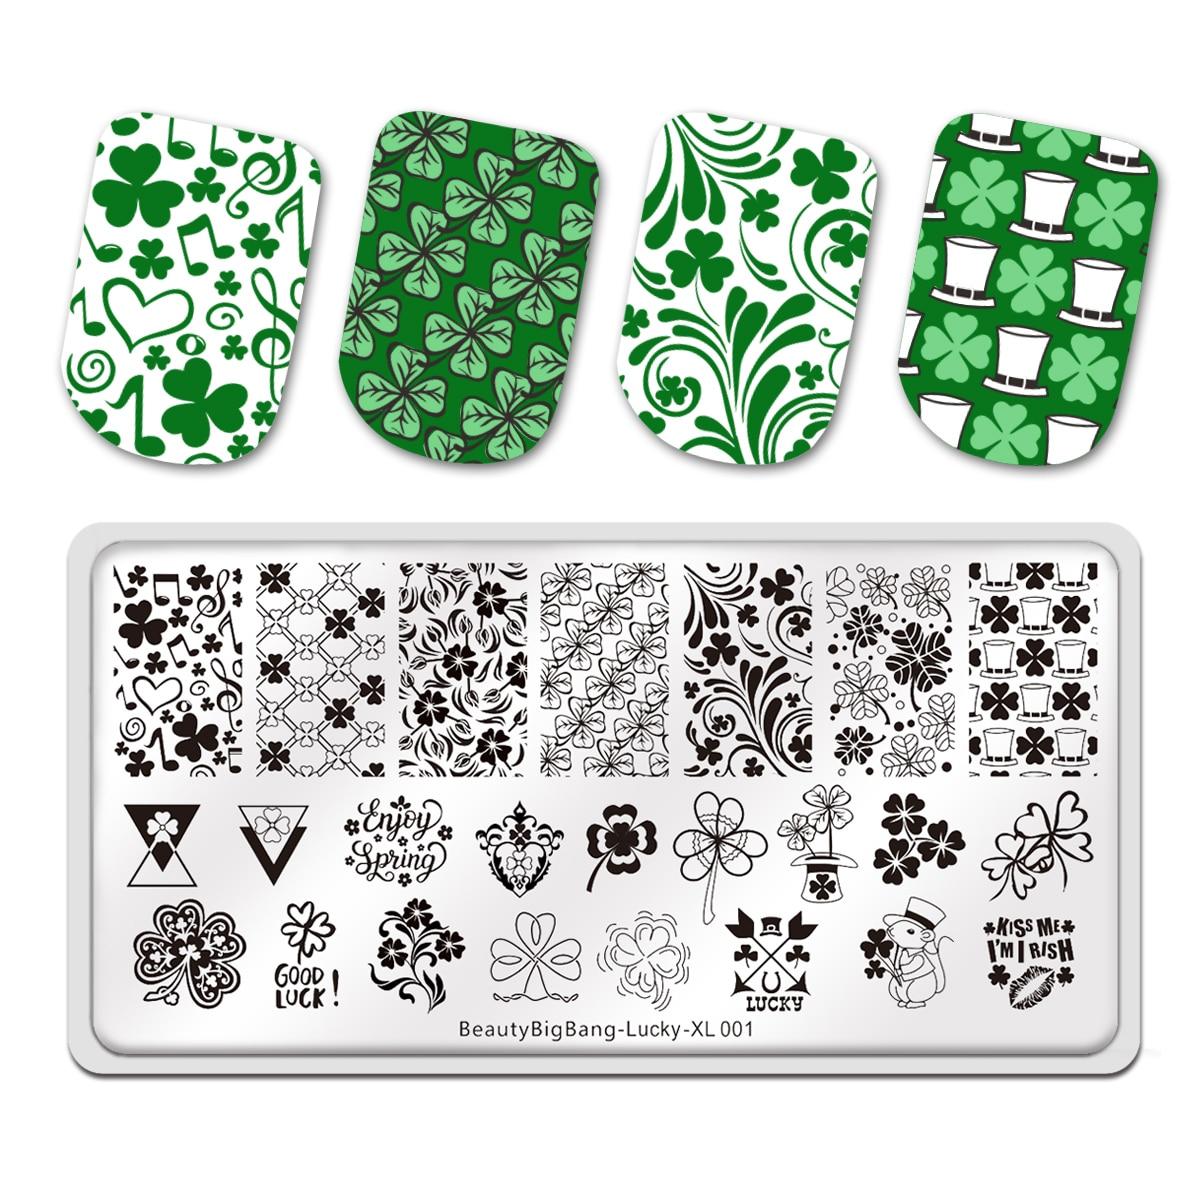 BeautyBigBang rectangular para uñas placas de estampado de trébol de la suerte de cuatro hojas tema Nail Art imagen Plantilla de manicura herramienta de plantillas